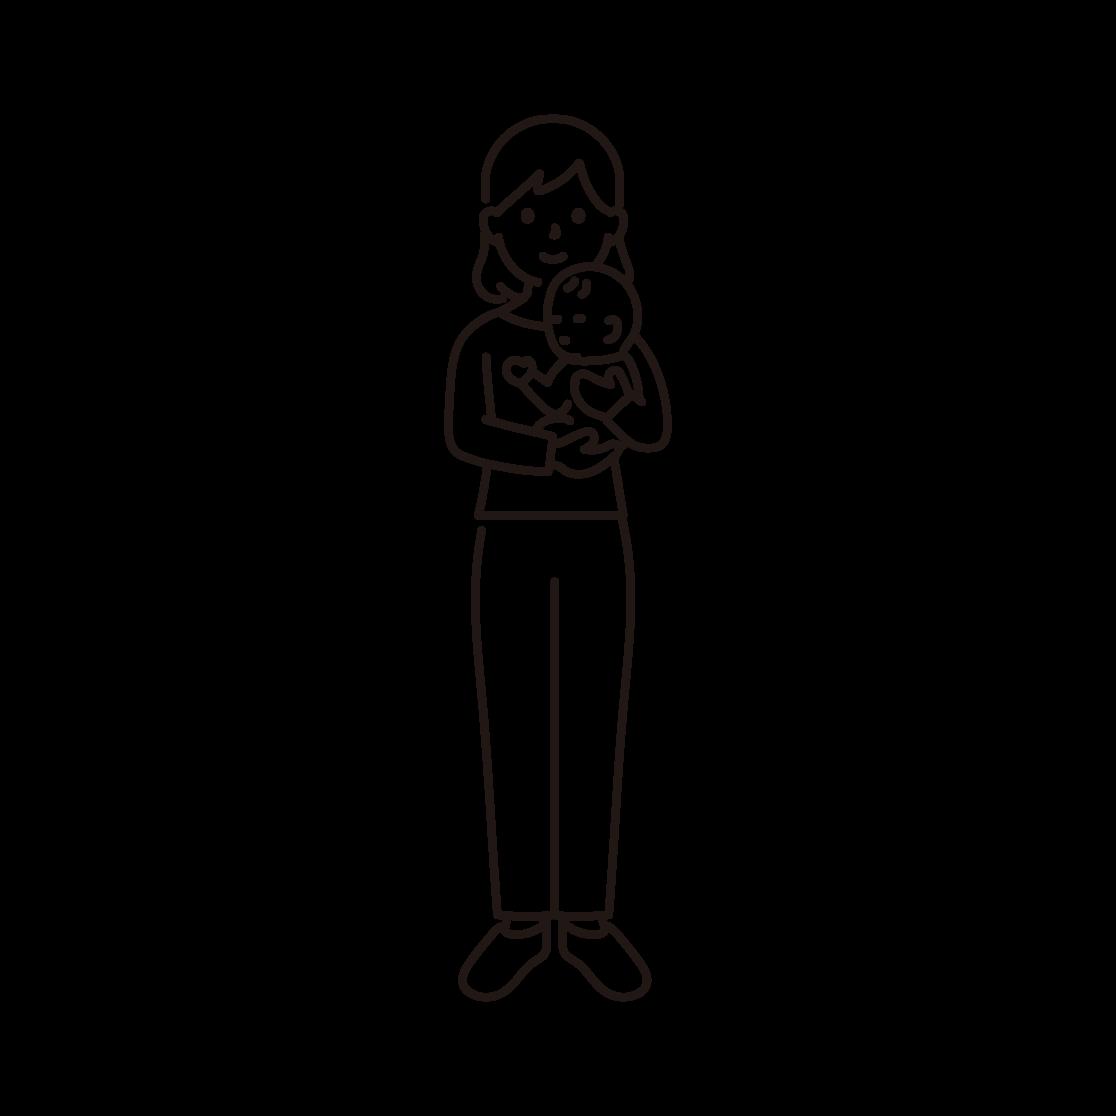 赤ちゃんを抱く女性のイラスト(線画)